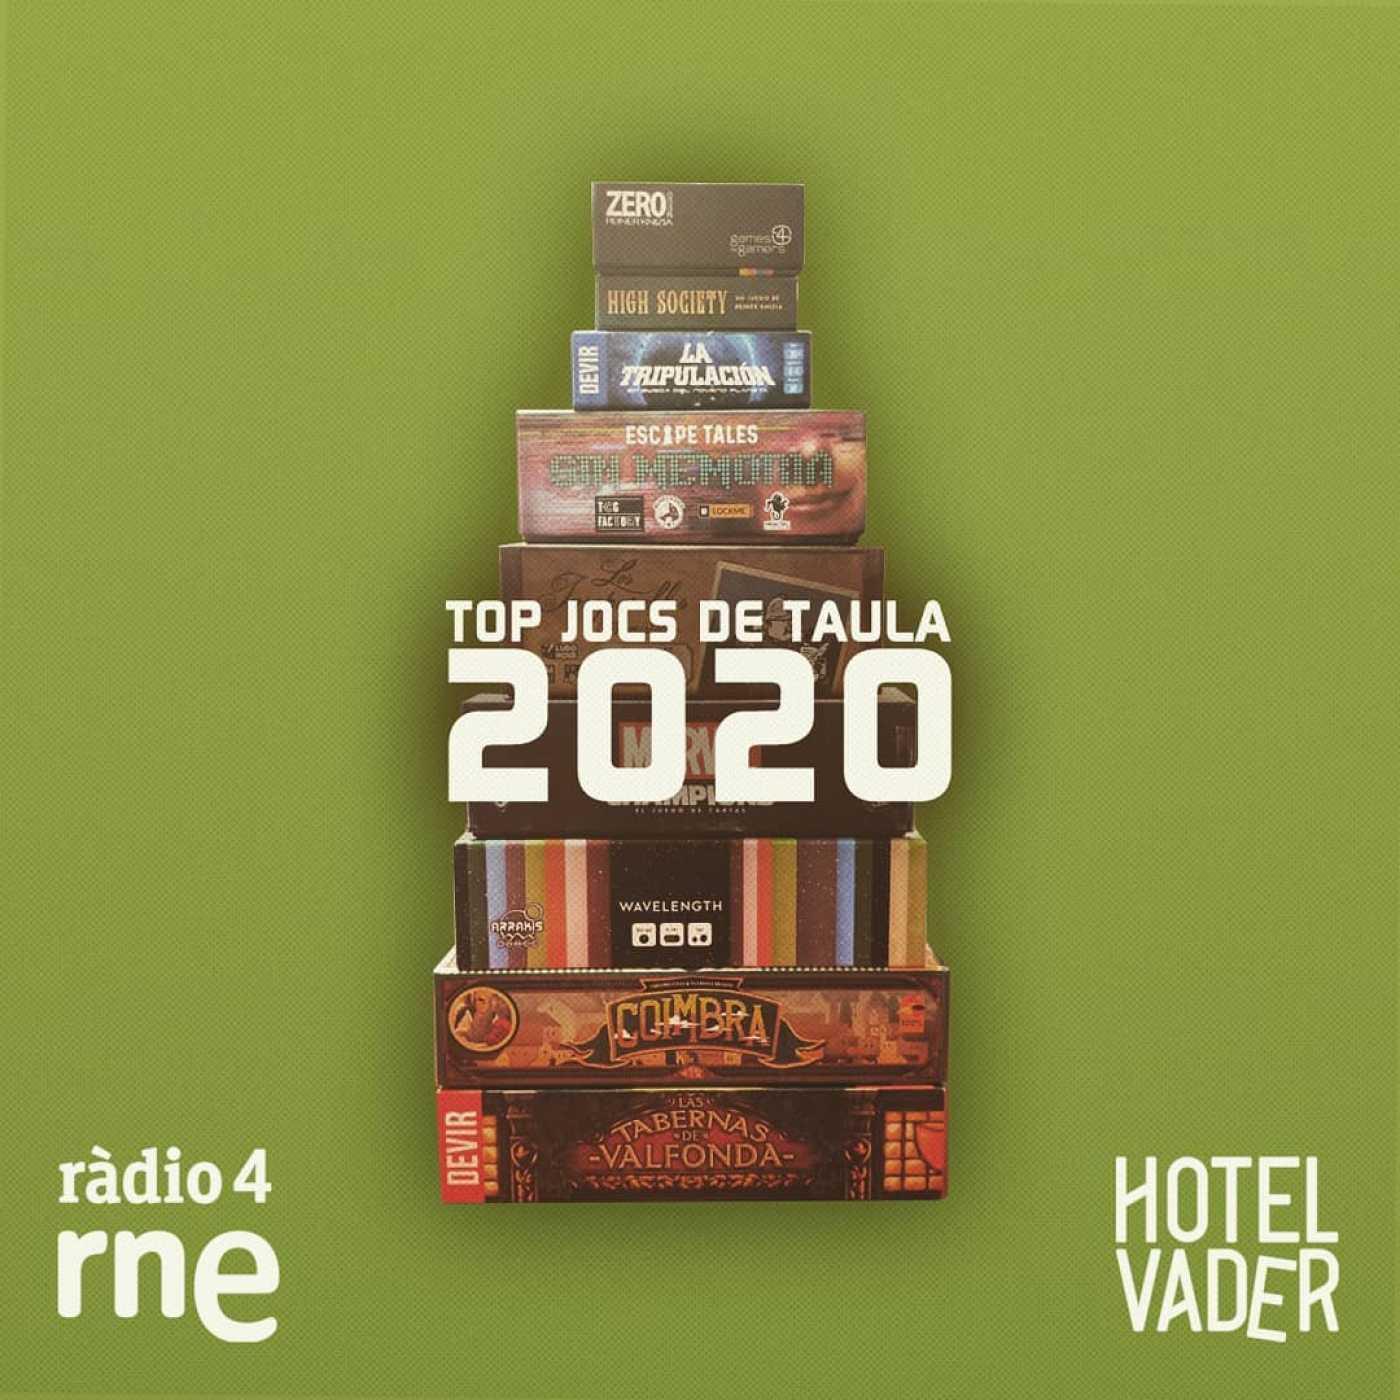 Hotel Vader - Top Jocs de taula 2020